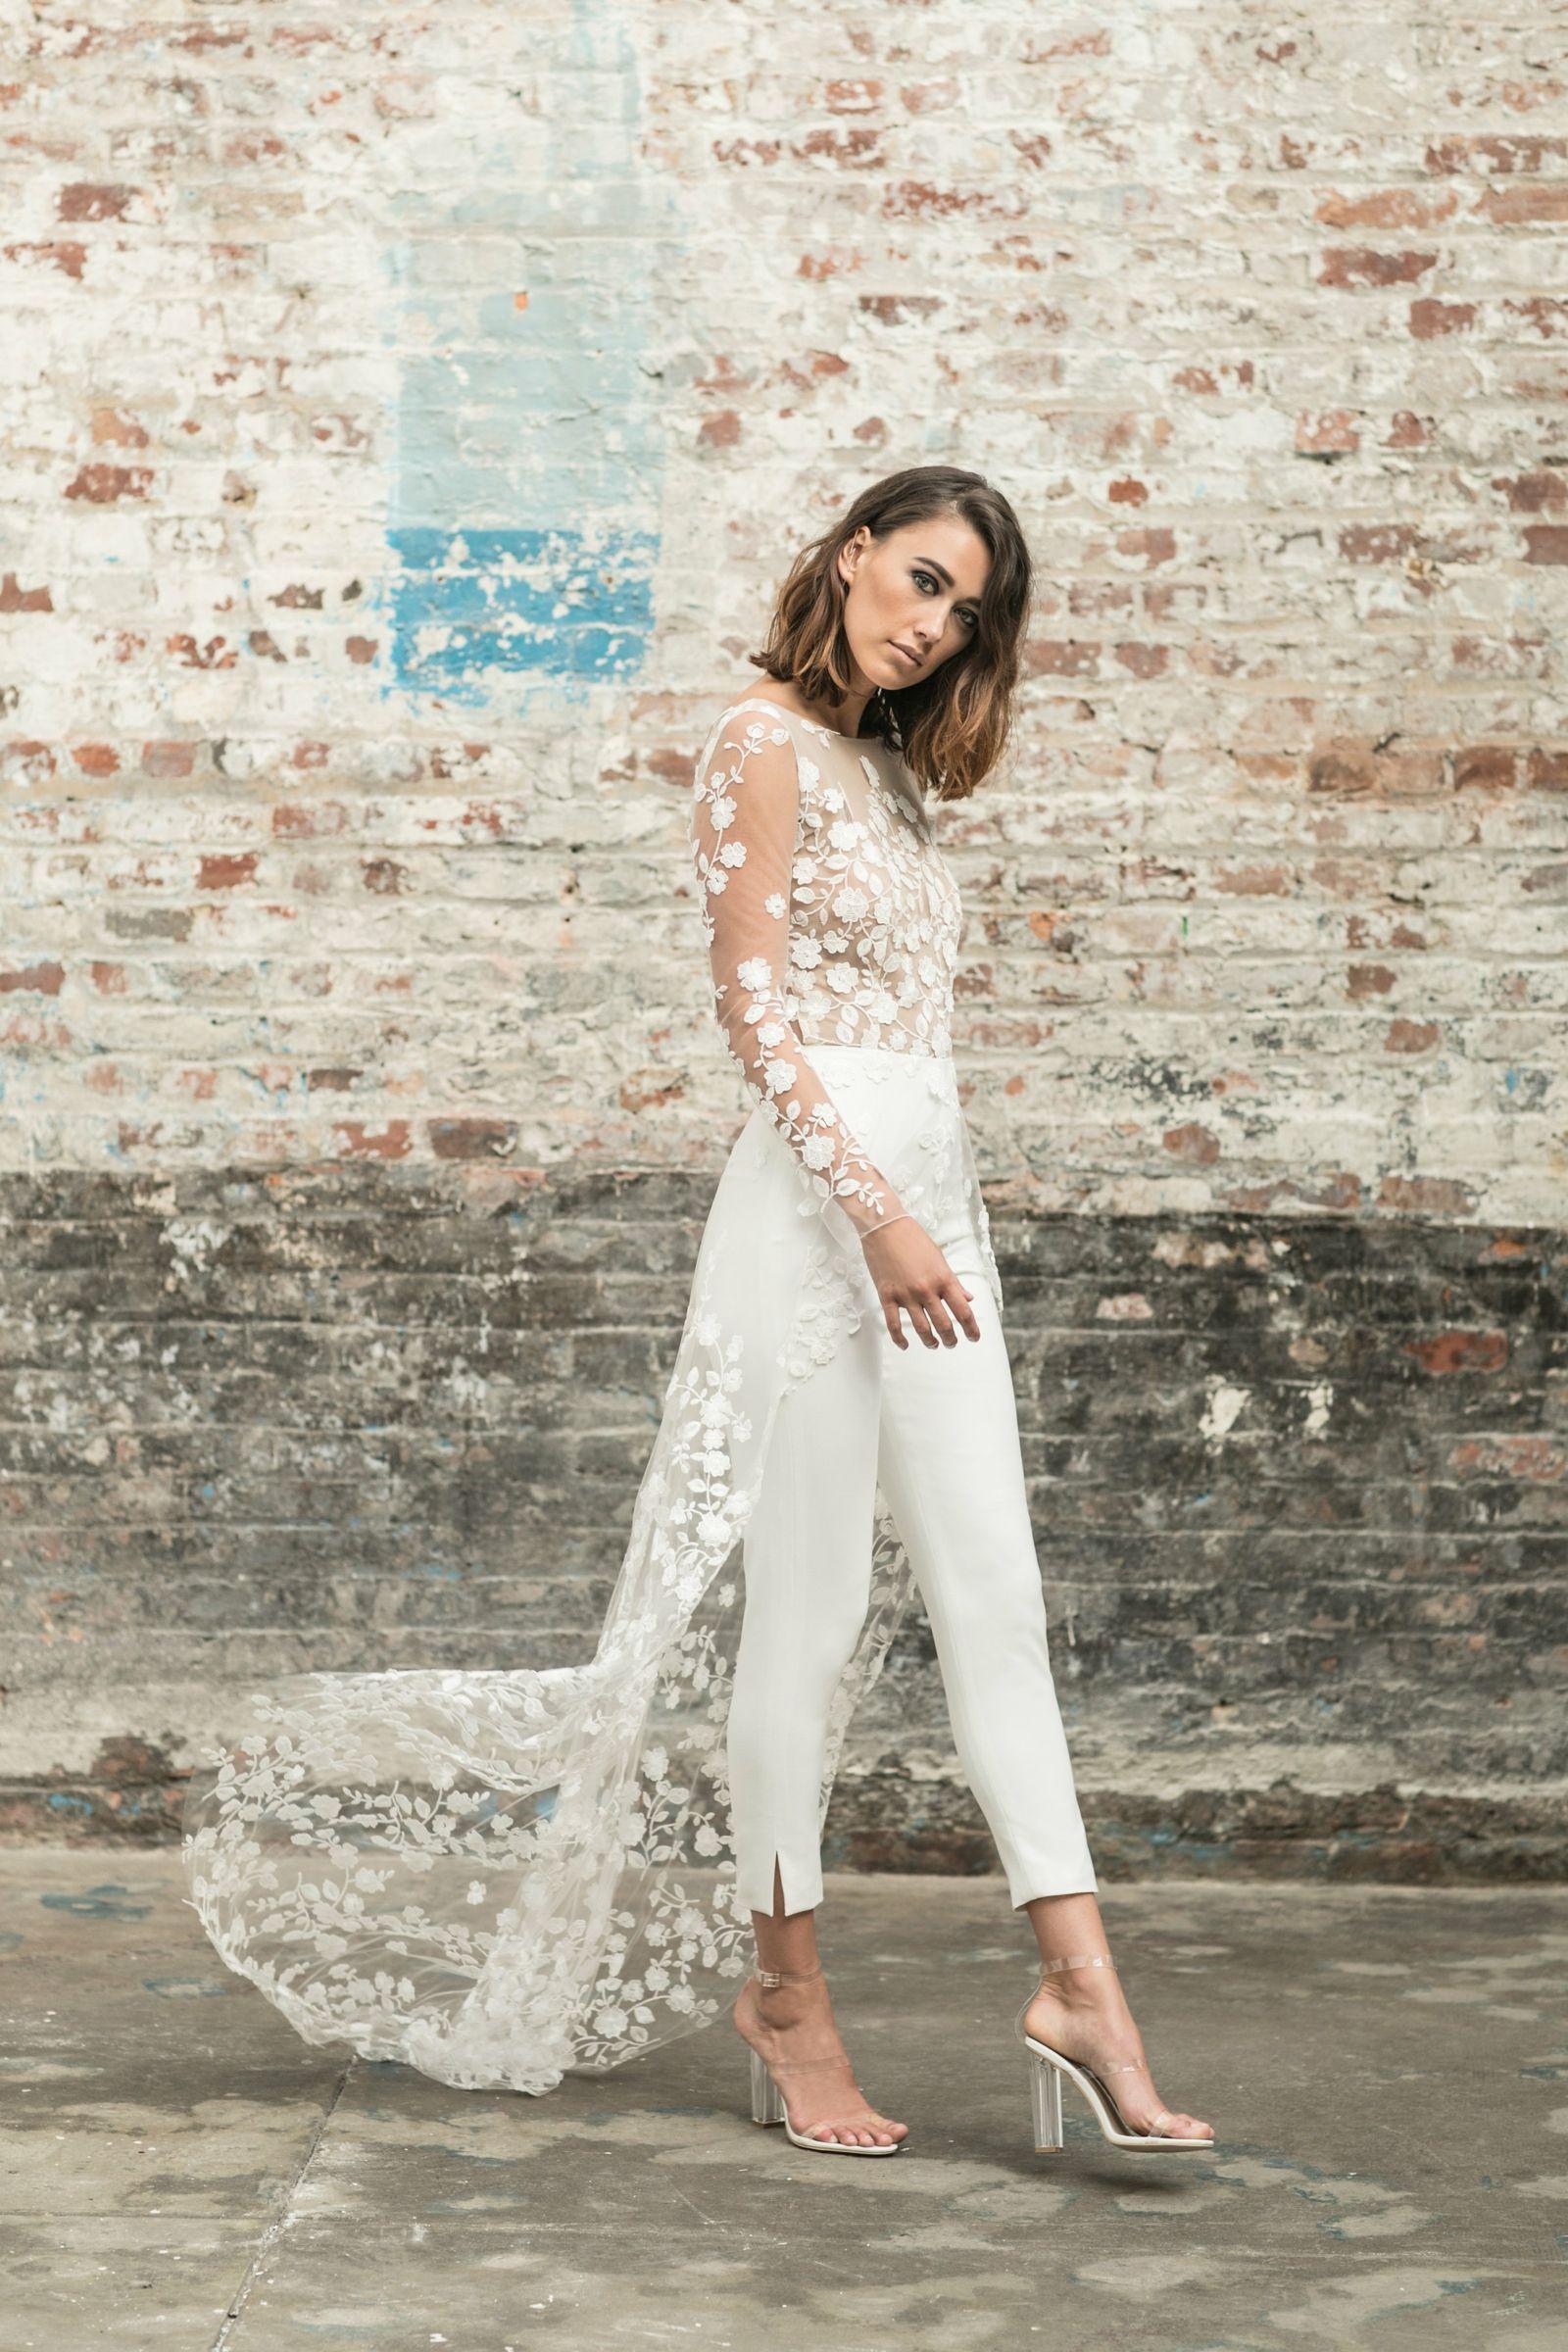 Wunderschöne lässige Brautkleider – viele Ideen und Inspirationen!